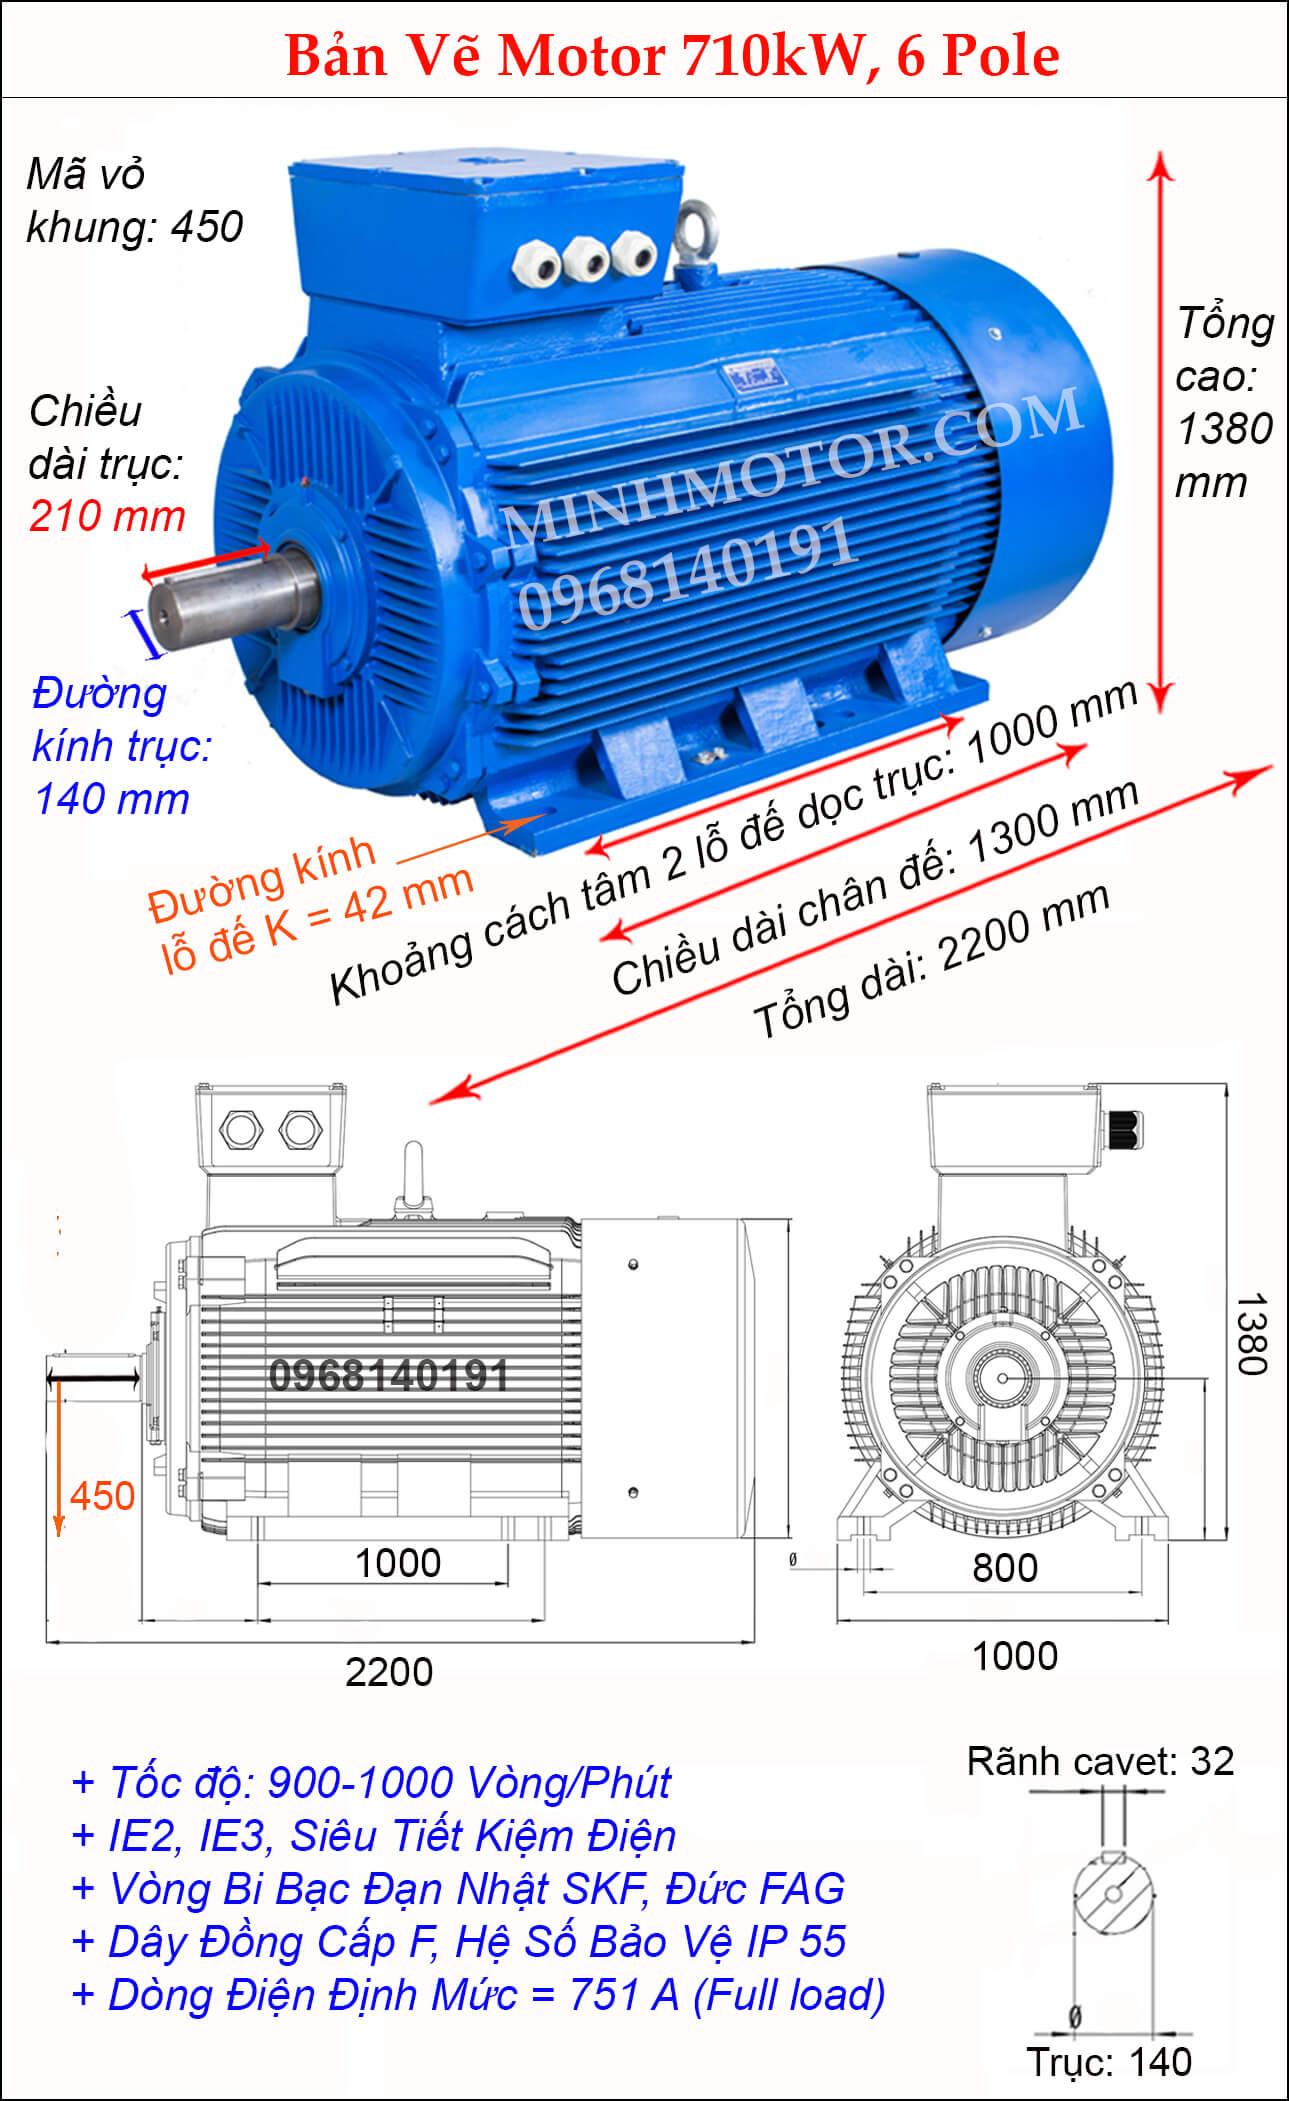 Kích thước động cơ điện 3 pha 950Hp 710kw chân đế, 900 - 1000 vòng/phút